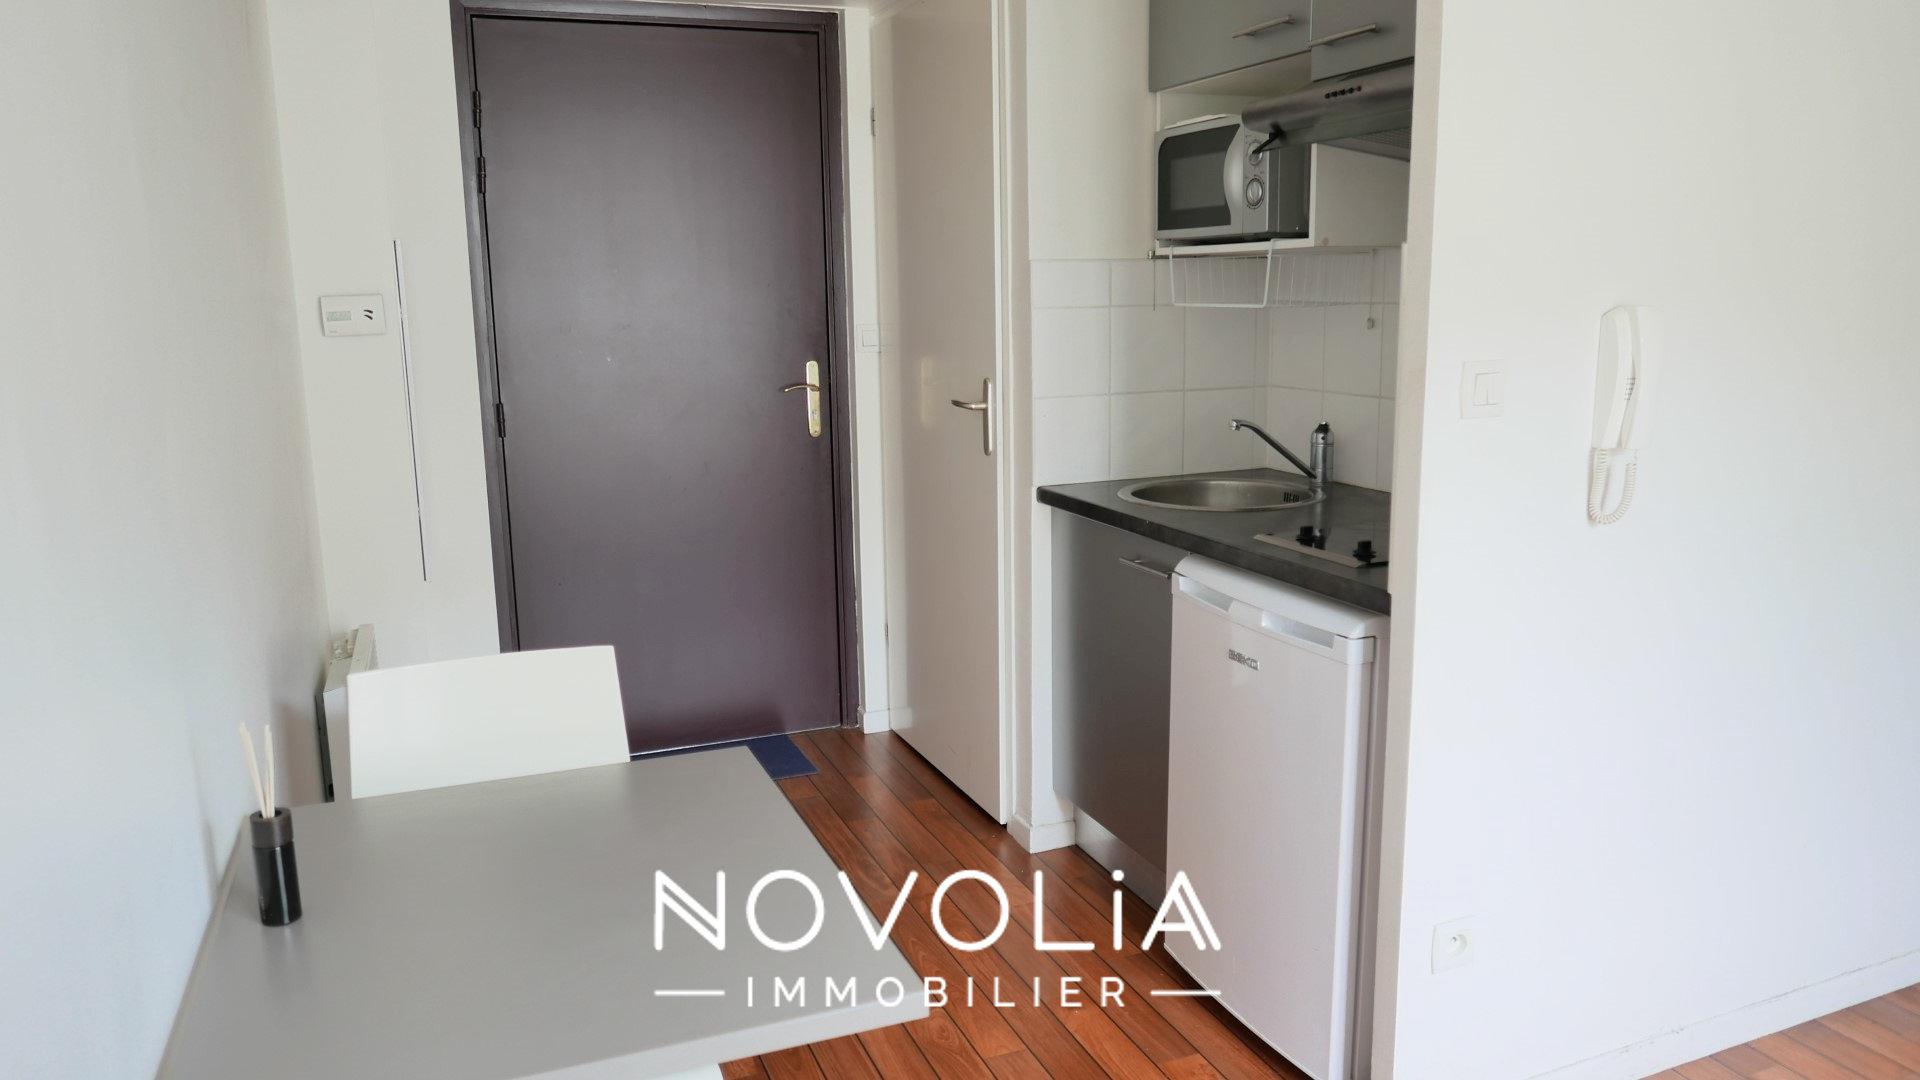 Achat Appartement, Surface de 17.09 m²/ Total carrez : 17 m², 1 pièce, Lyon 7ème (69007)